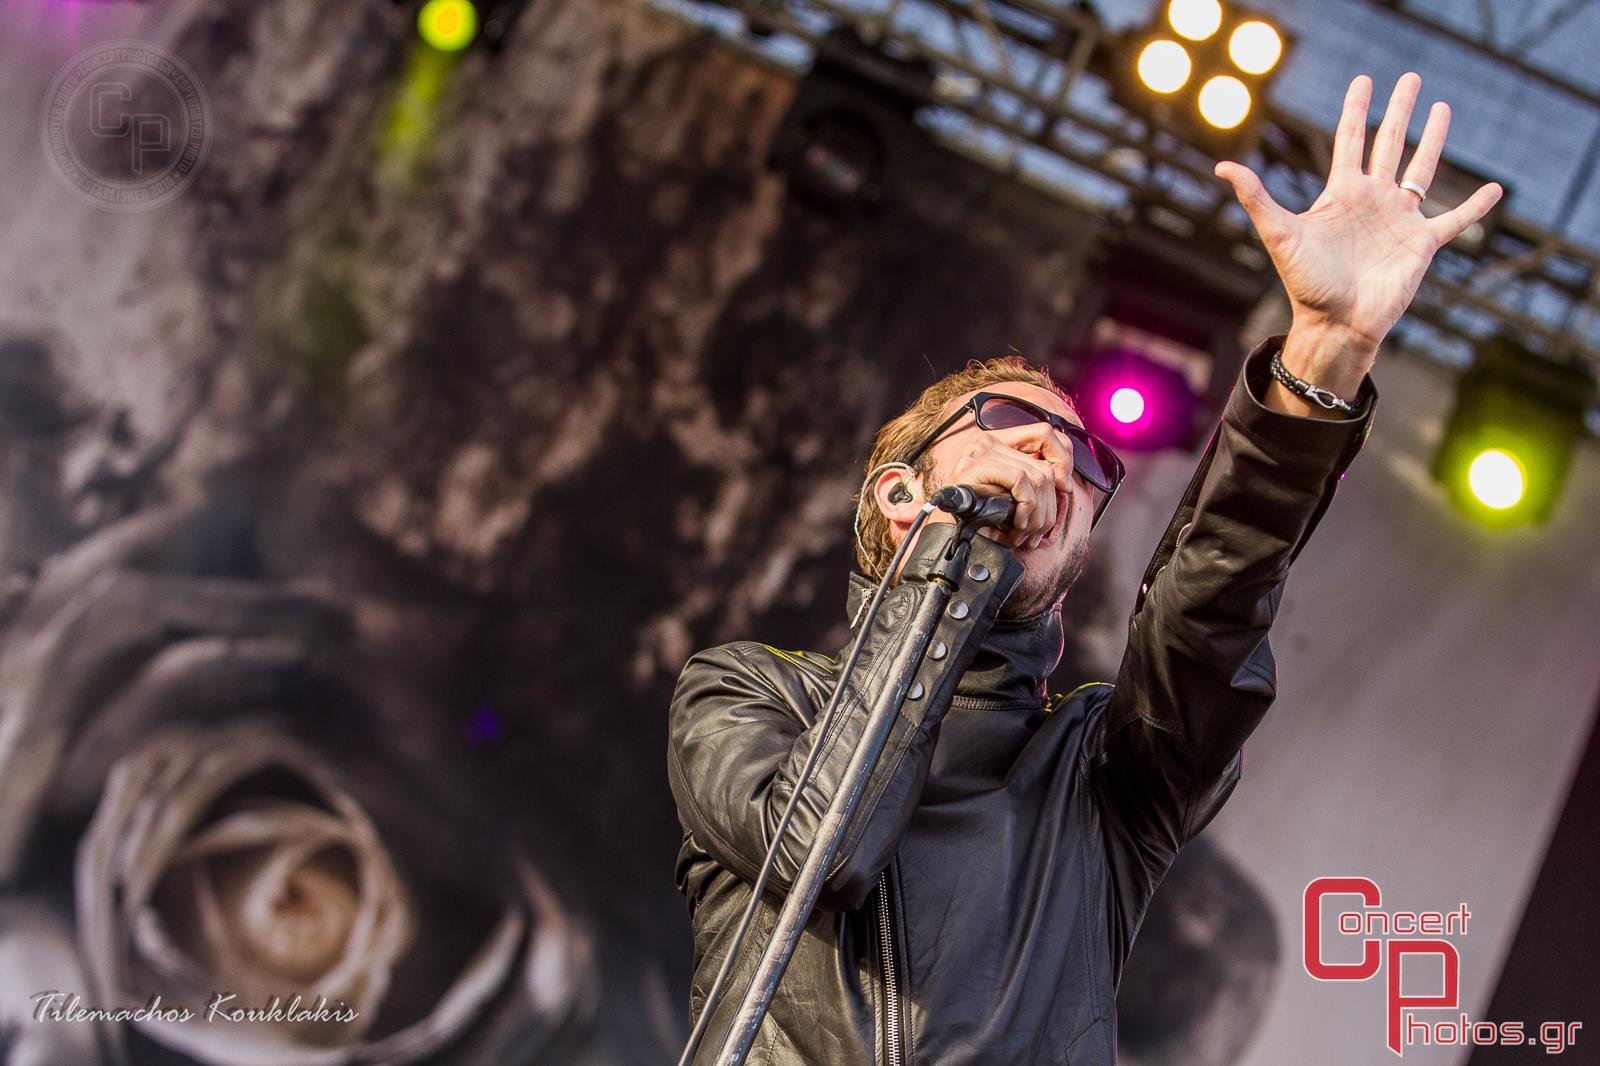 Ejekt Festival 2014-Ejekt Festival 2014 photographer:  - IMG_2960